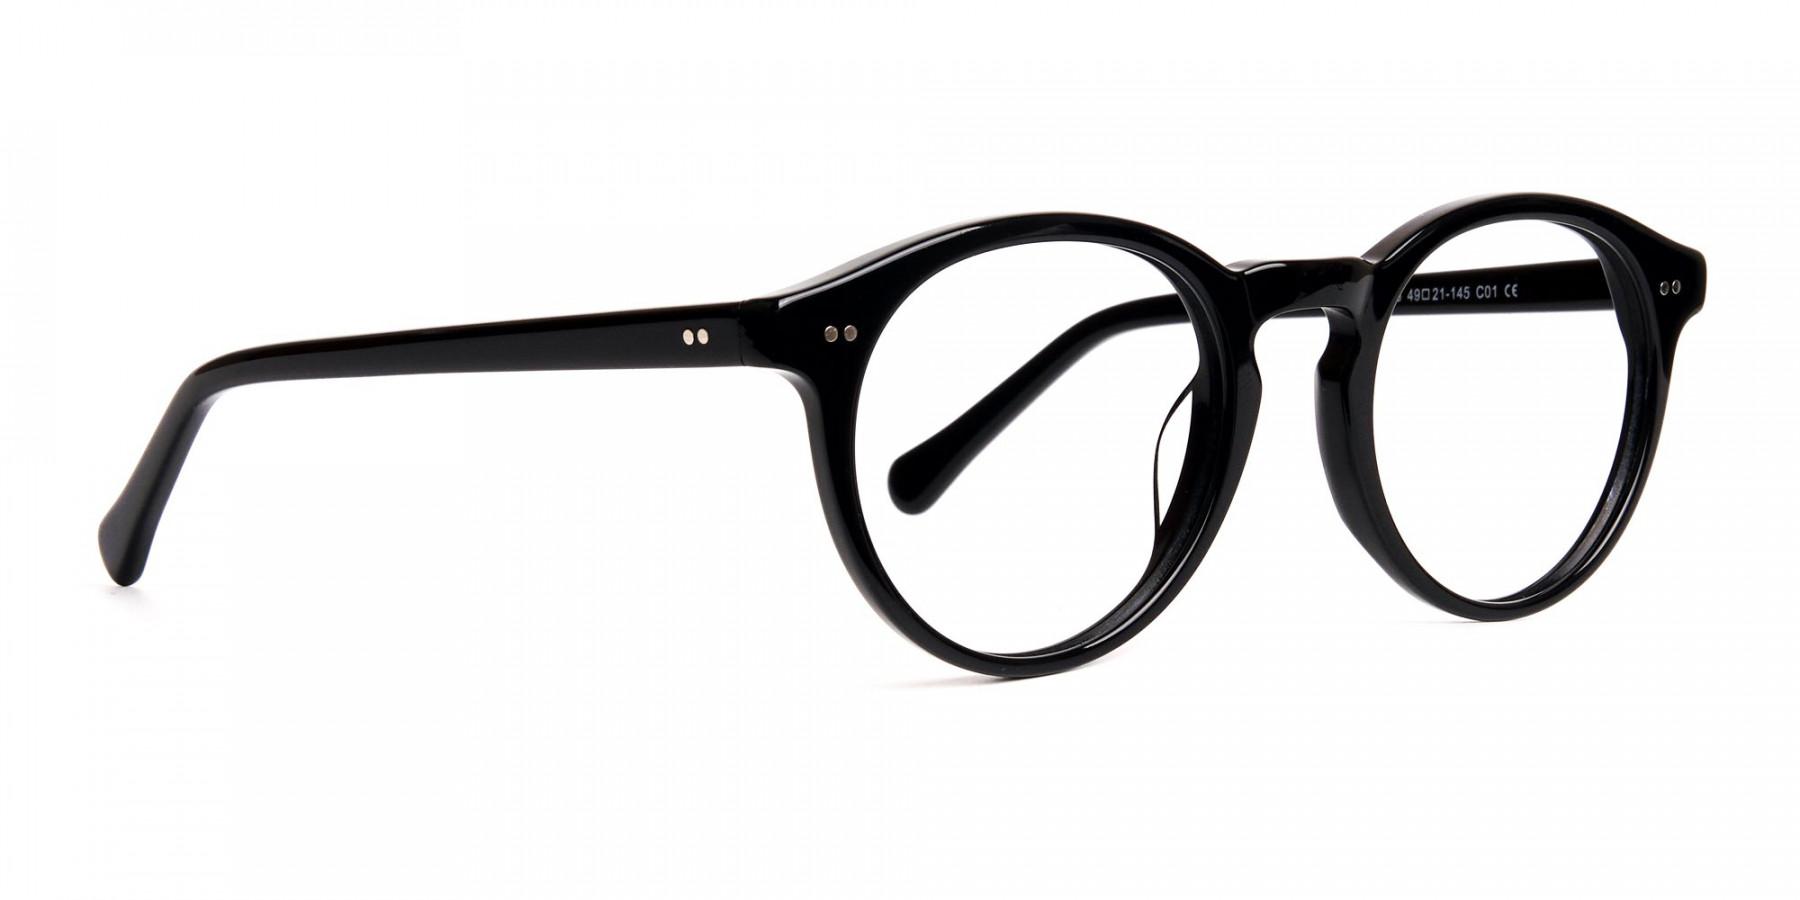 black-acetate-full-rim-glasses-frames-1